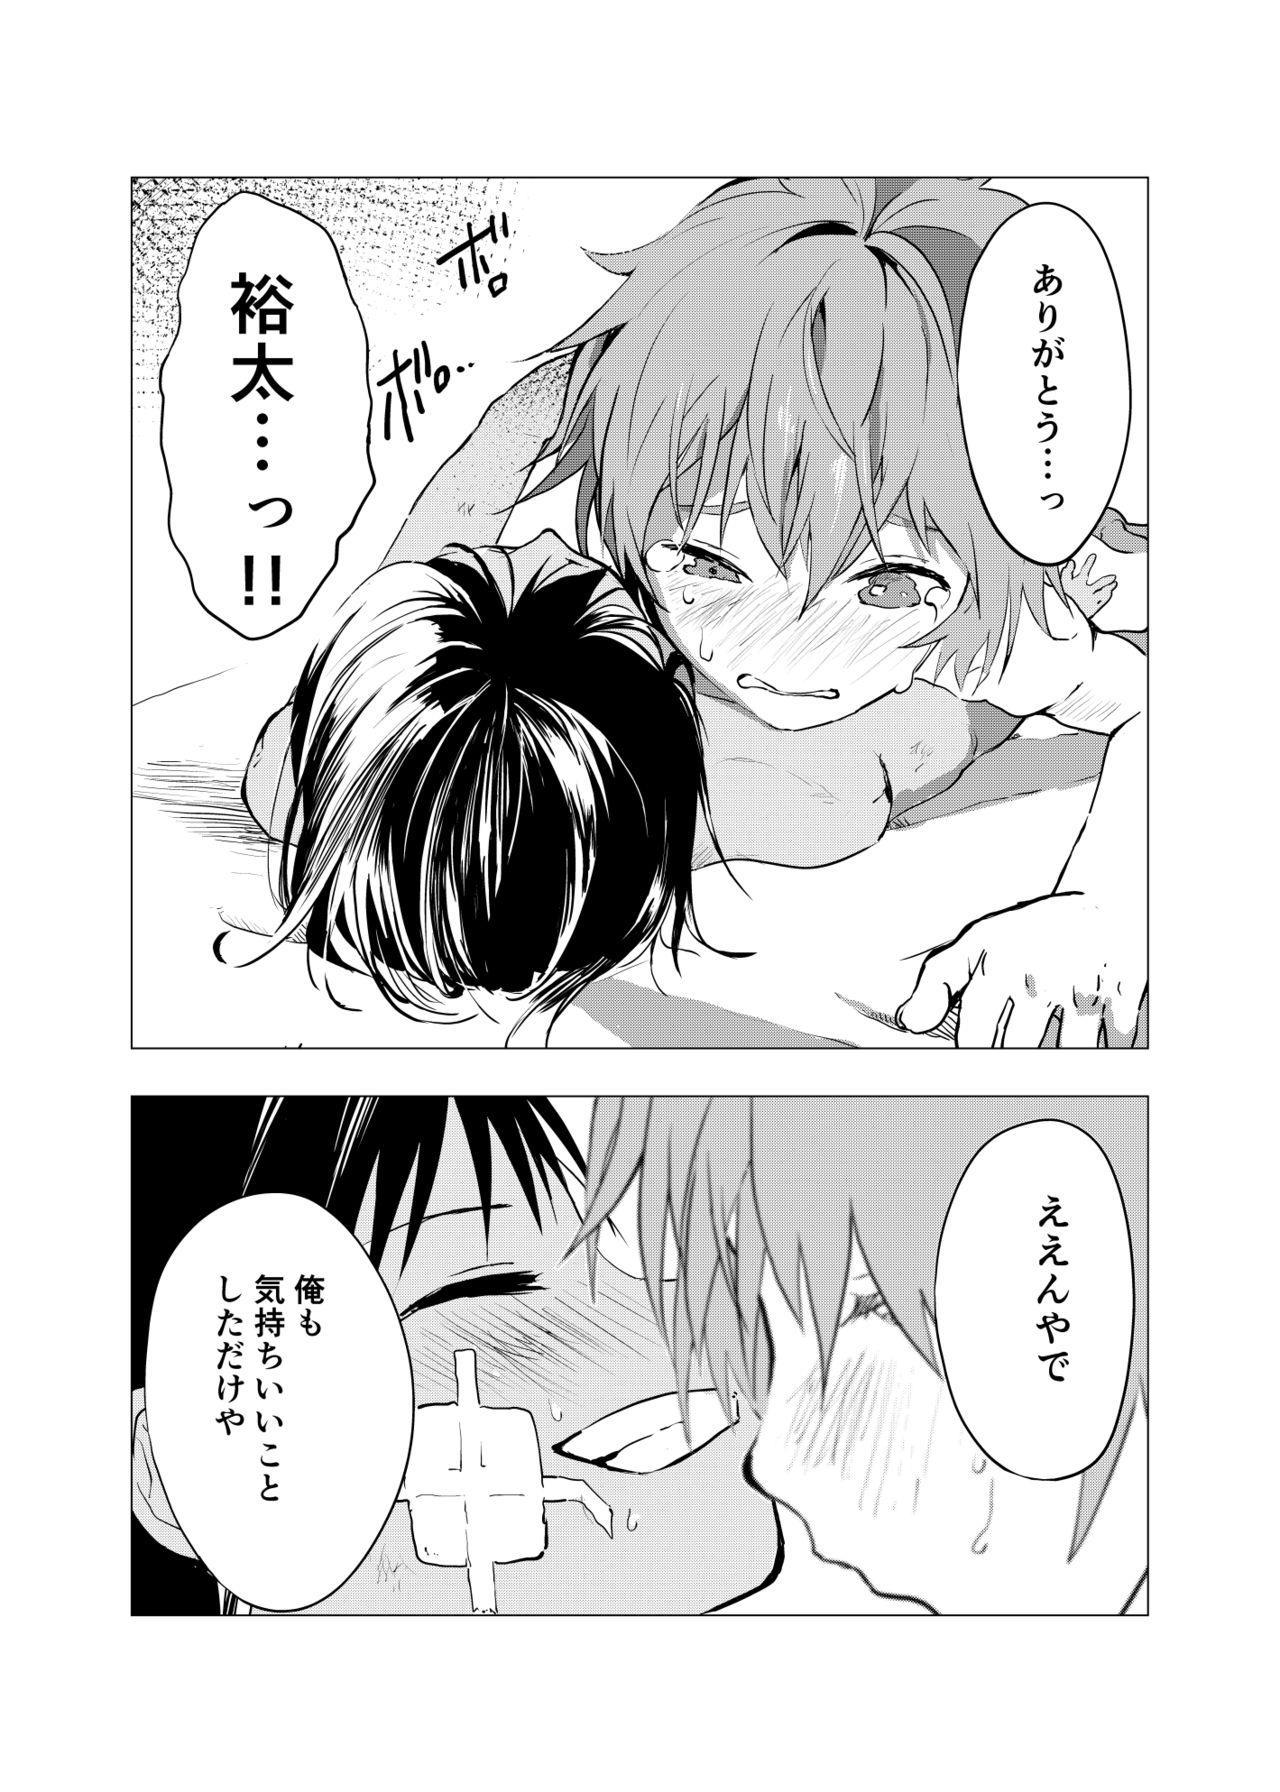 Inaka no Uke Shounen to Tokai no Seme Shounen no Ero Manga 1-6 105